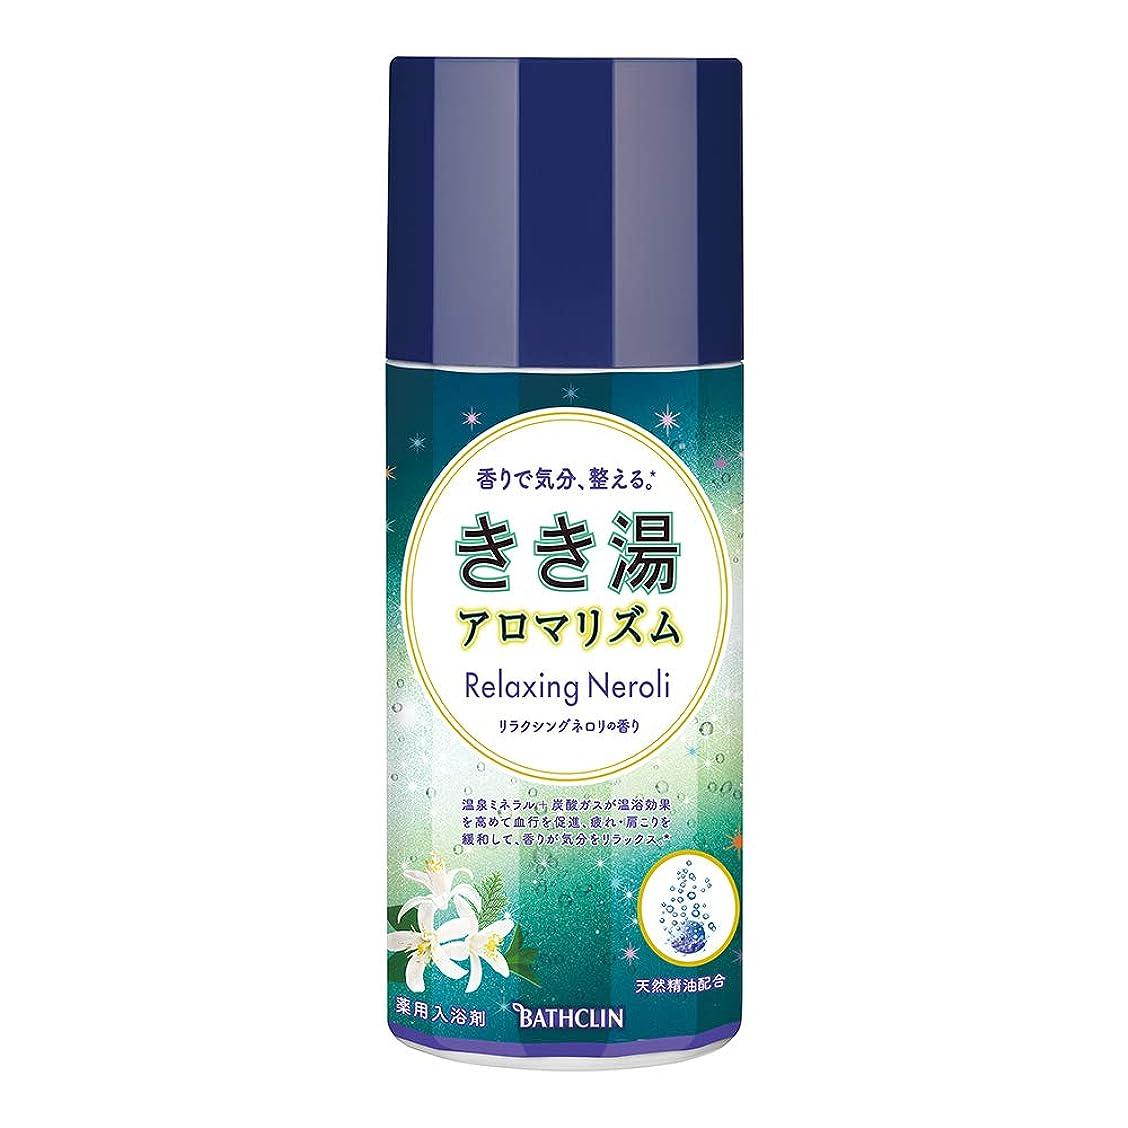 ますます法令祈る【医薬部外品】きき湯アロマリズム炭酸入浴剤 リラクシングネロリの香り 360g 発泡タイプ